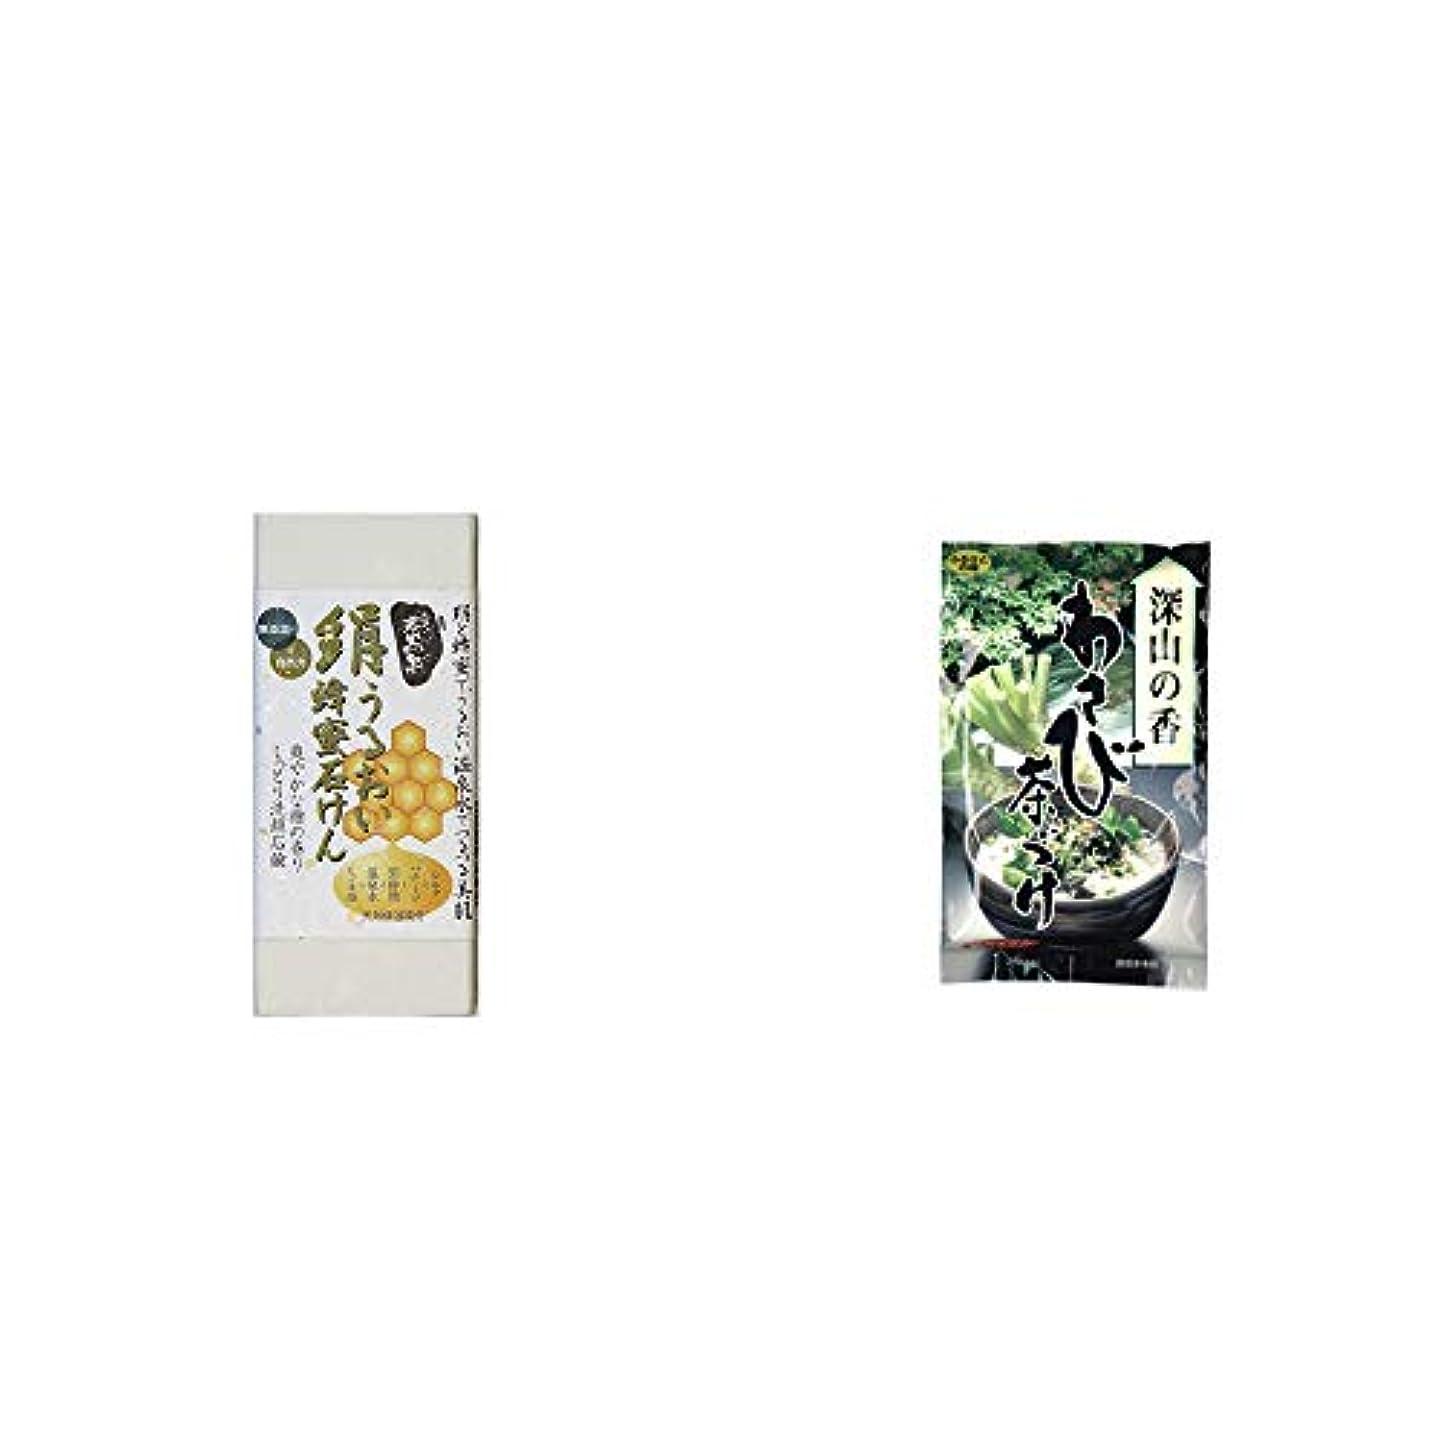 旋律的絶え間ないゲスト[2点セット] ひのき炭黒泉 絹うるおい蜂蜜石けん(75g×2)?特選茶漬け 深山の香 わさび茶づけ(10袋入)